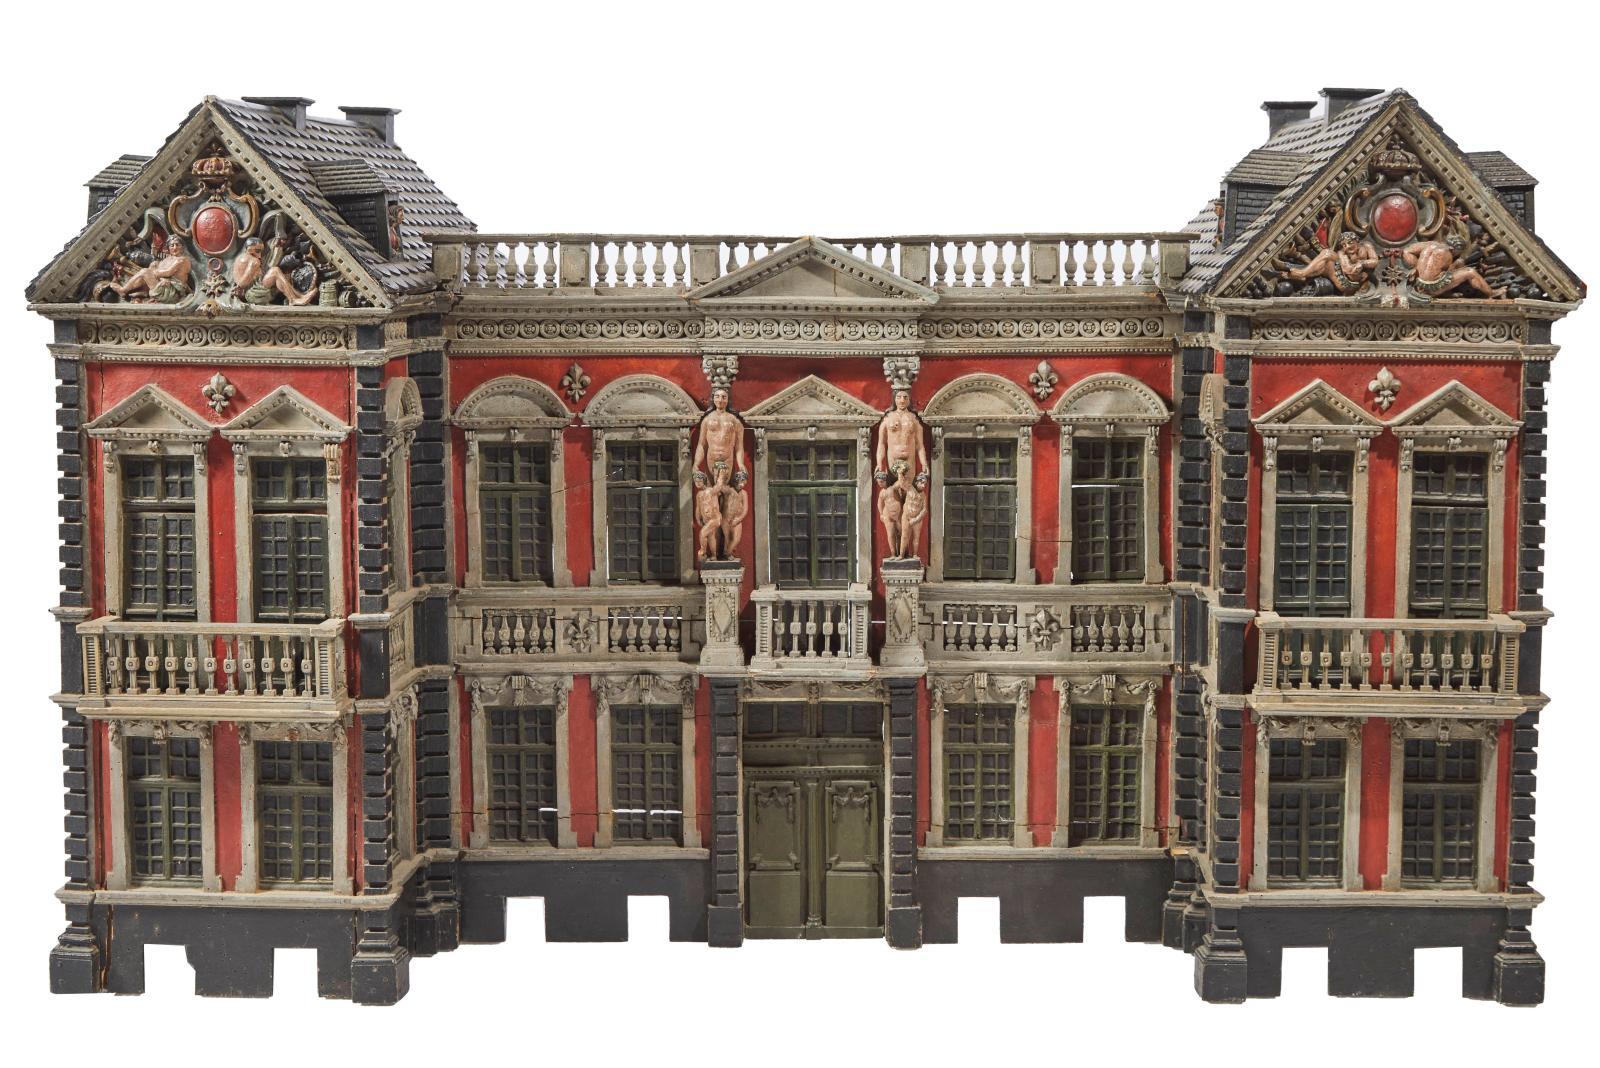 Haute de 92cm et large de 155, cette maquette d'architecture est des plus impressionnantes. En bois polychrome, elle a été réalisée àla